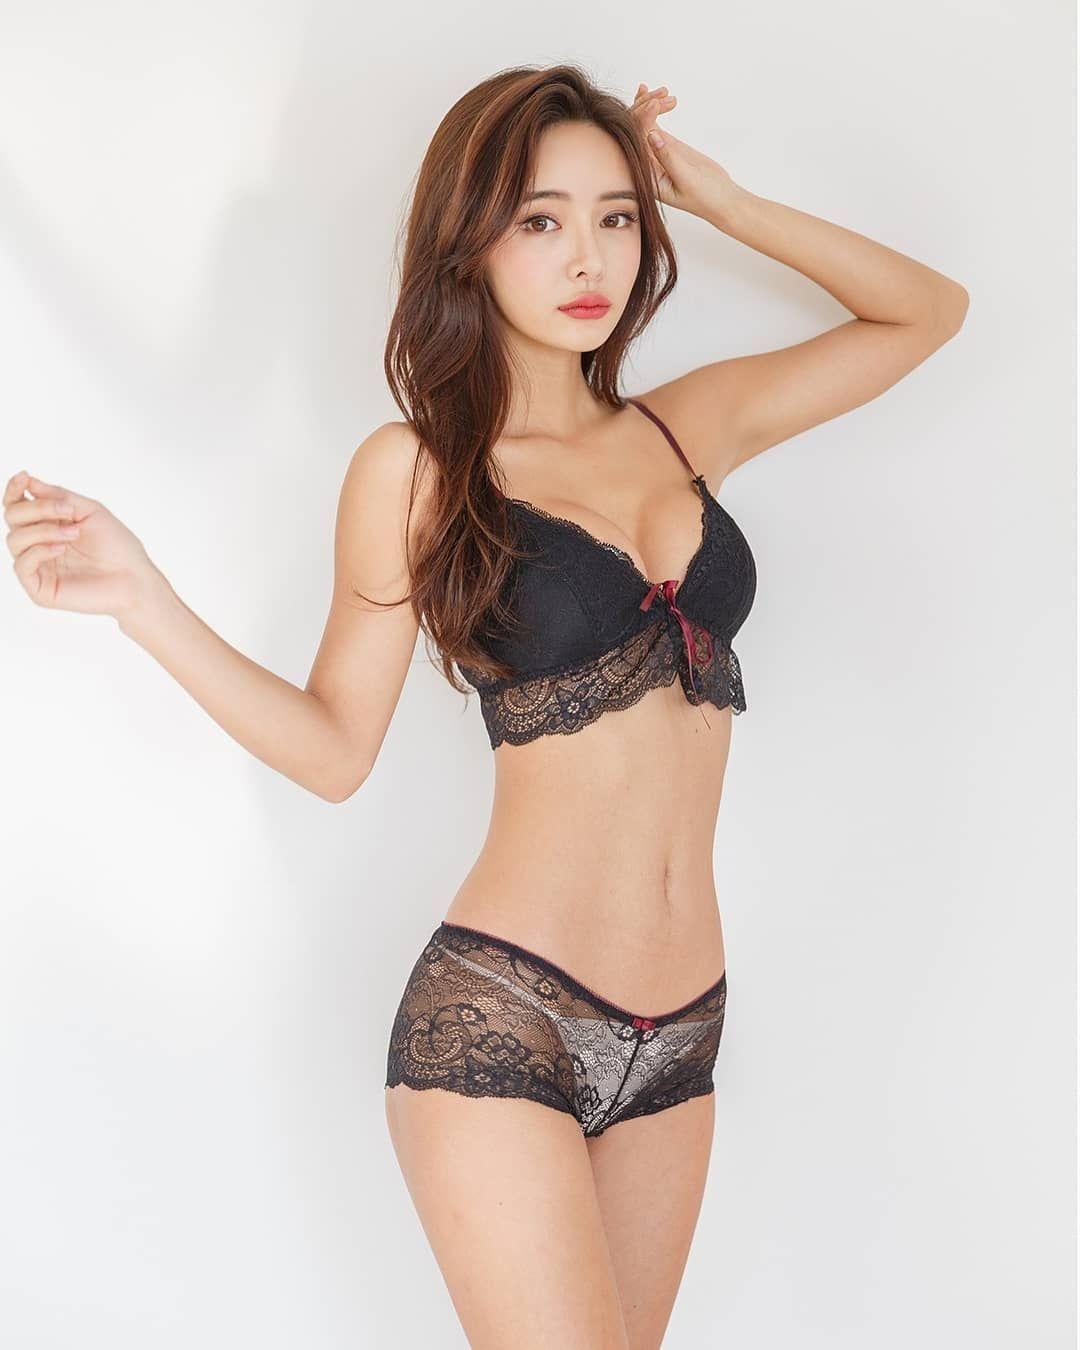 Korean girl sexy Top